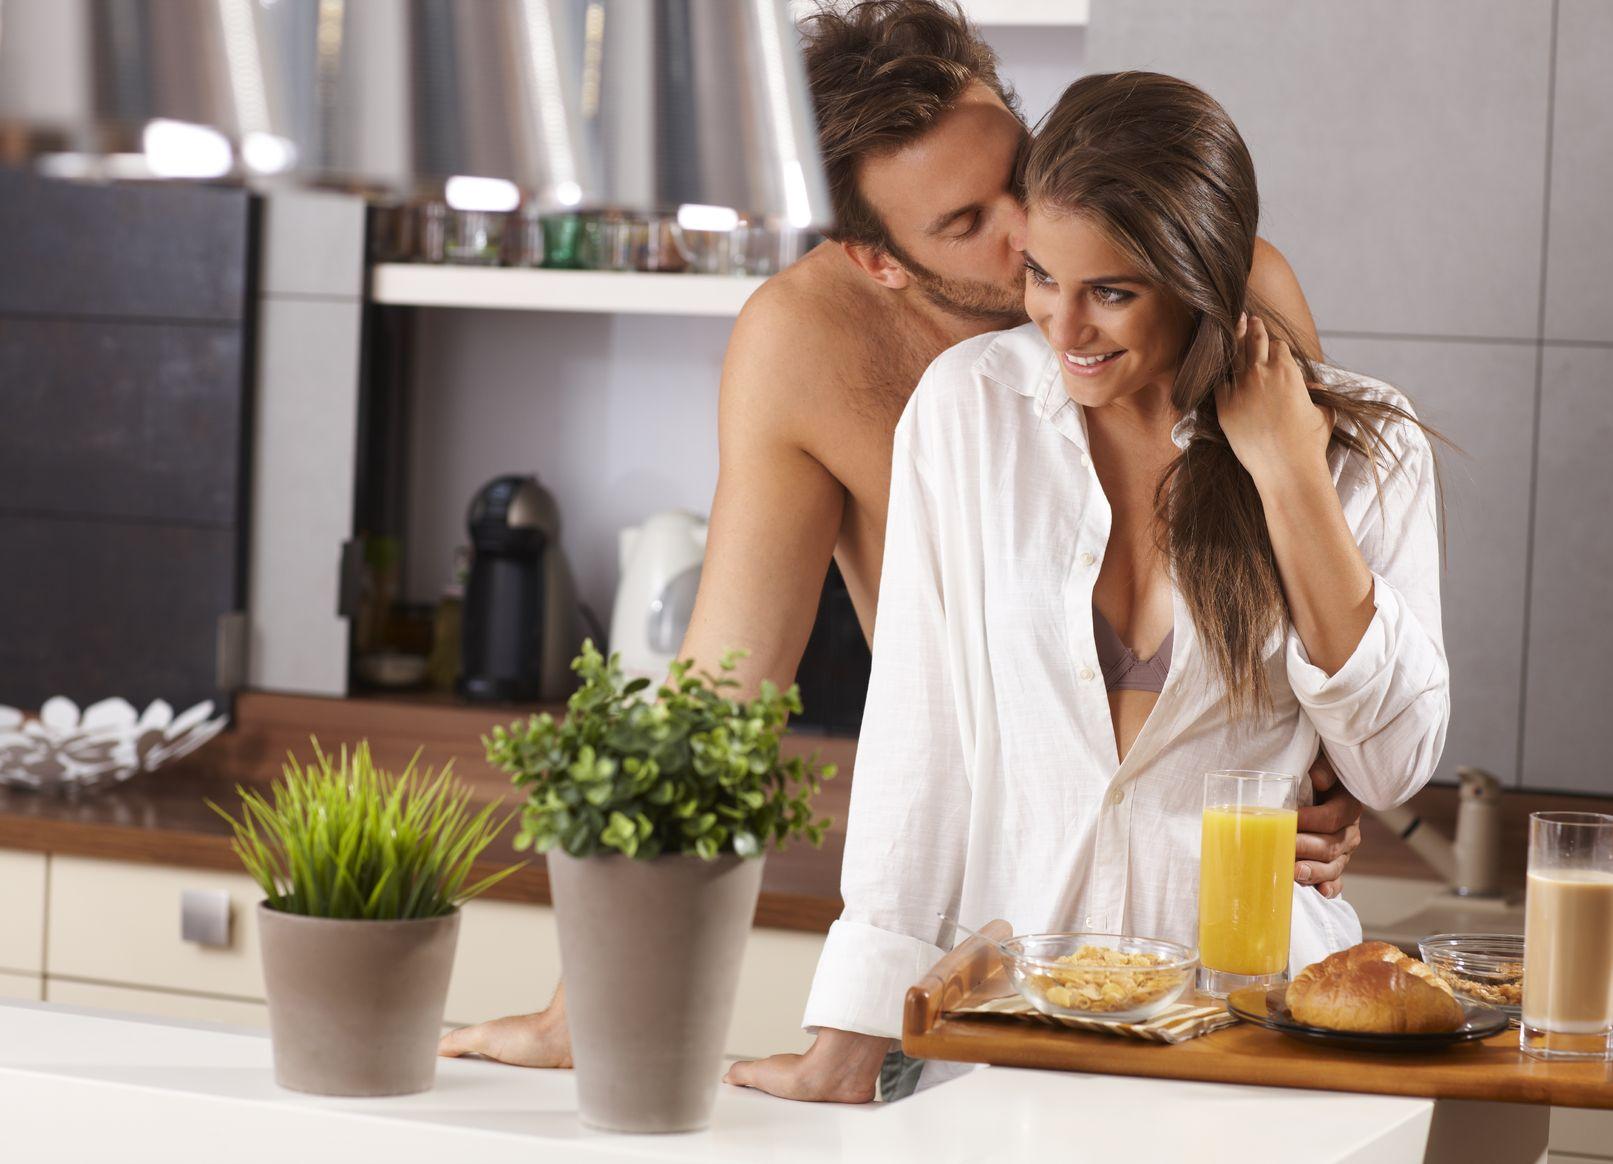 Любовь на кухне картинки романтичные